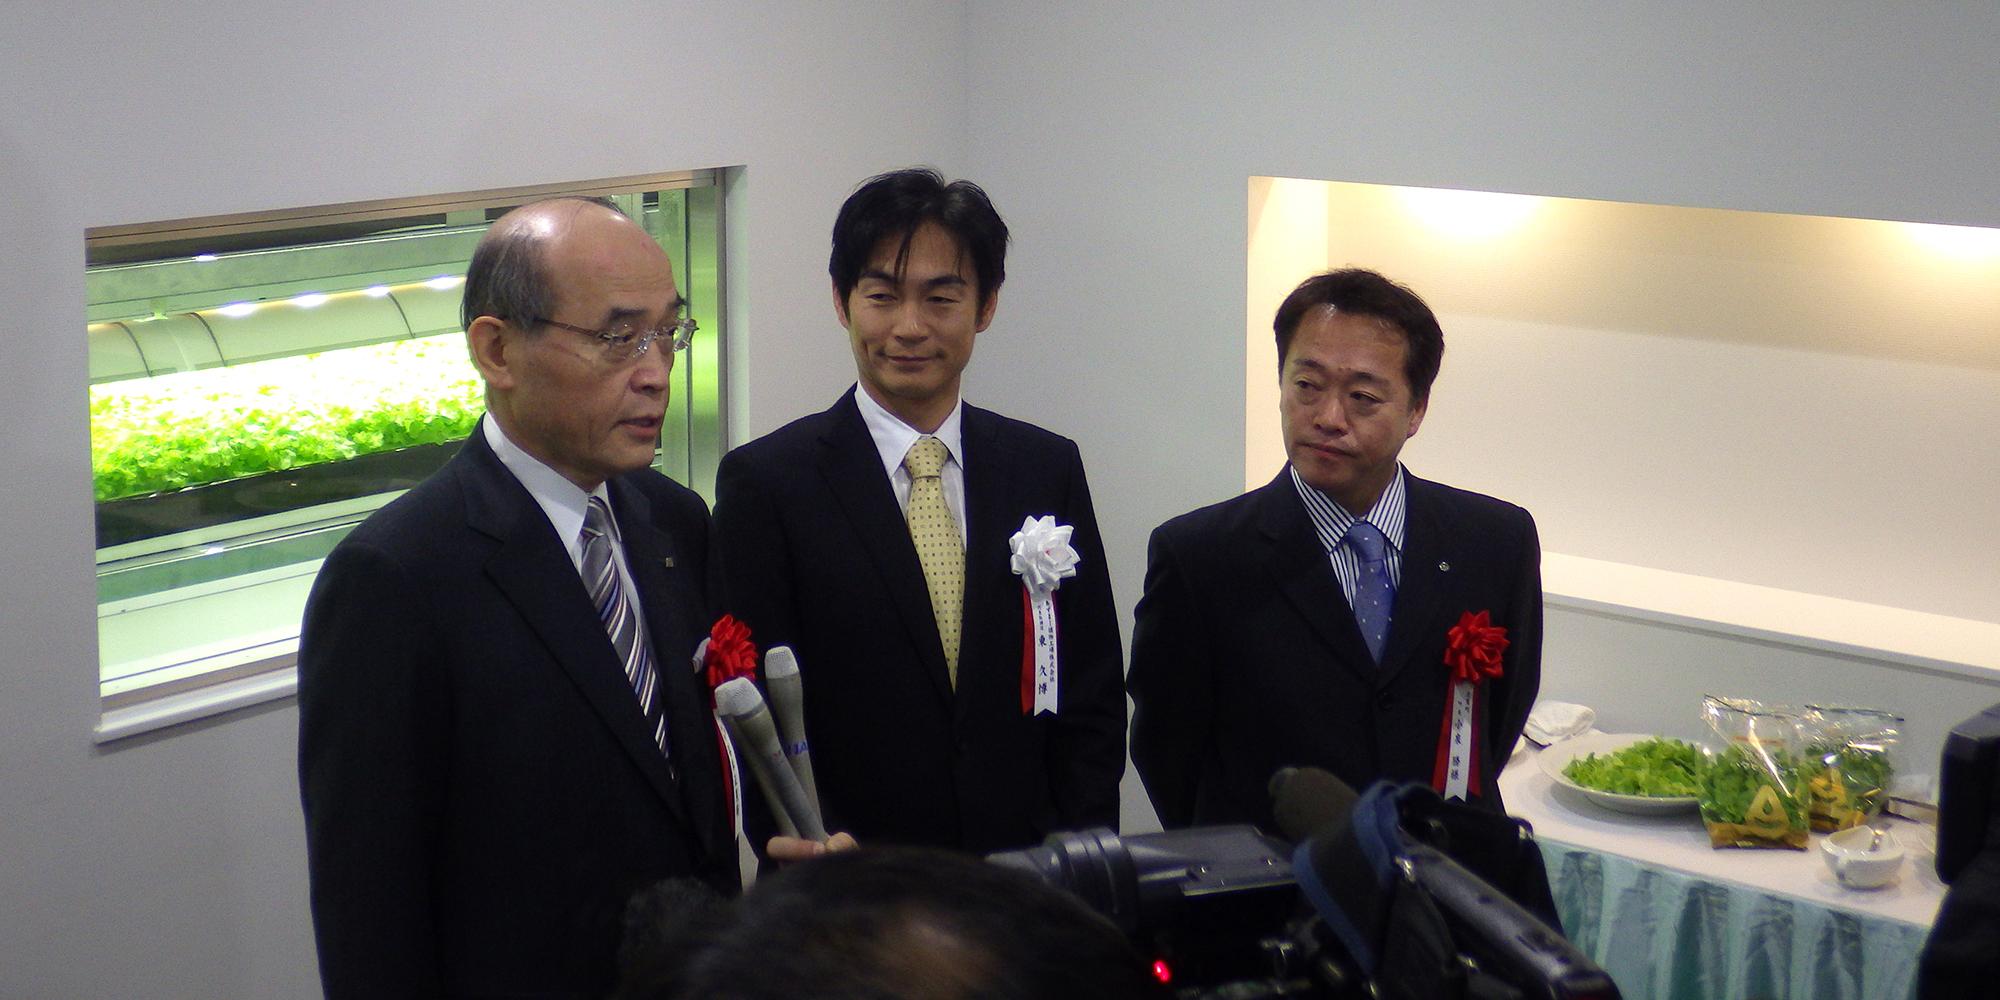 試食後感想を述べる谷本知事(左)と小泉町長(右)